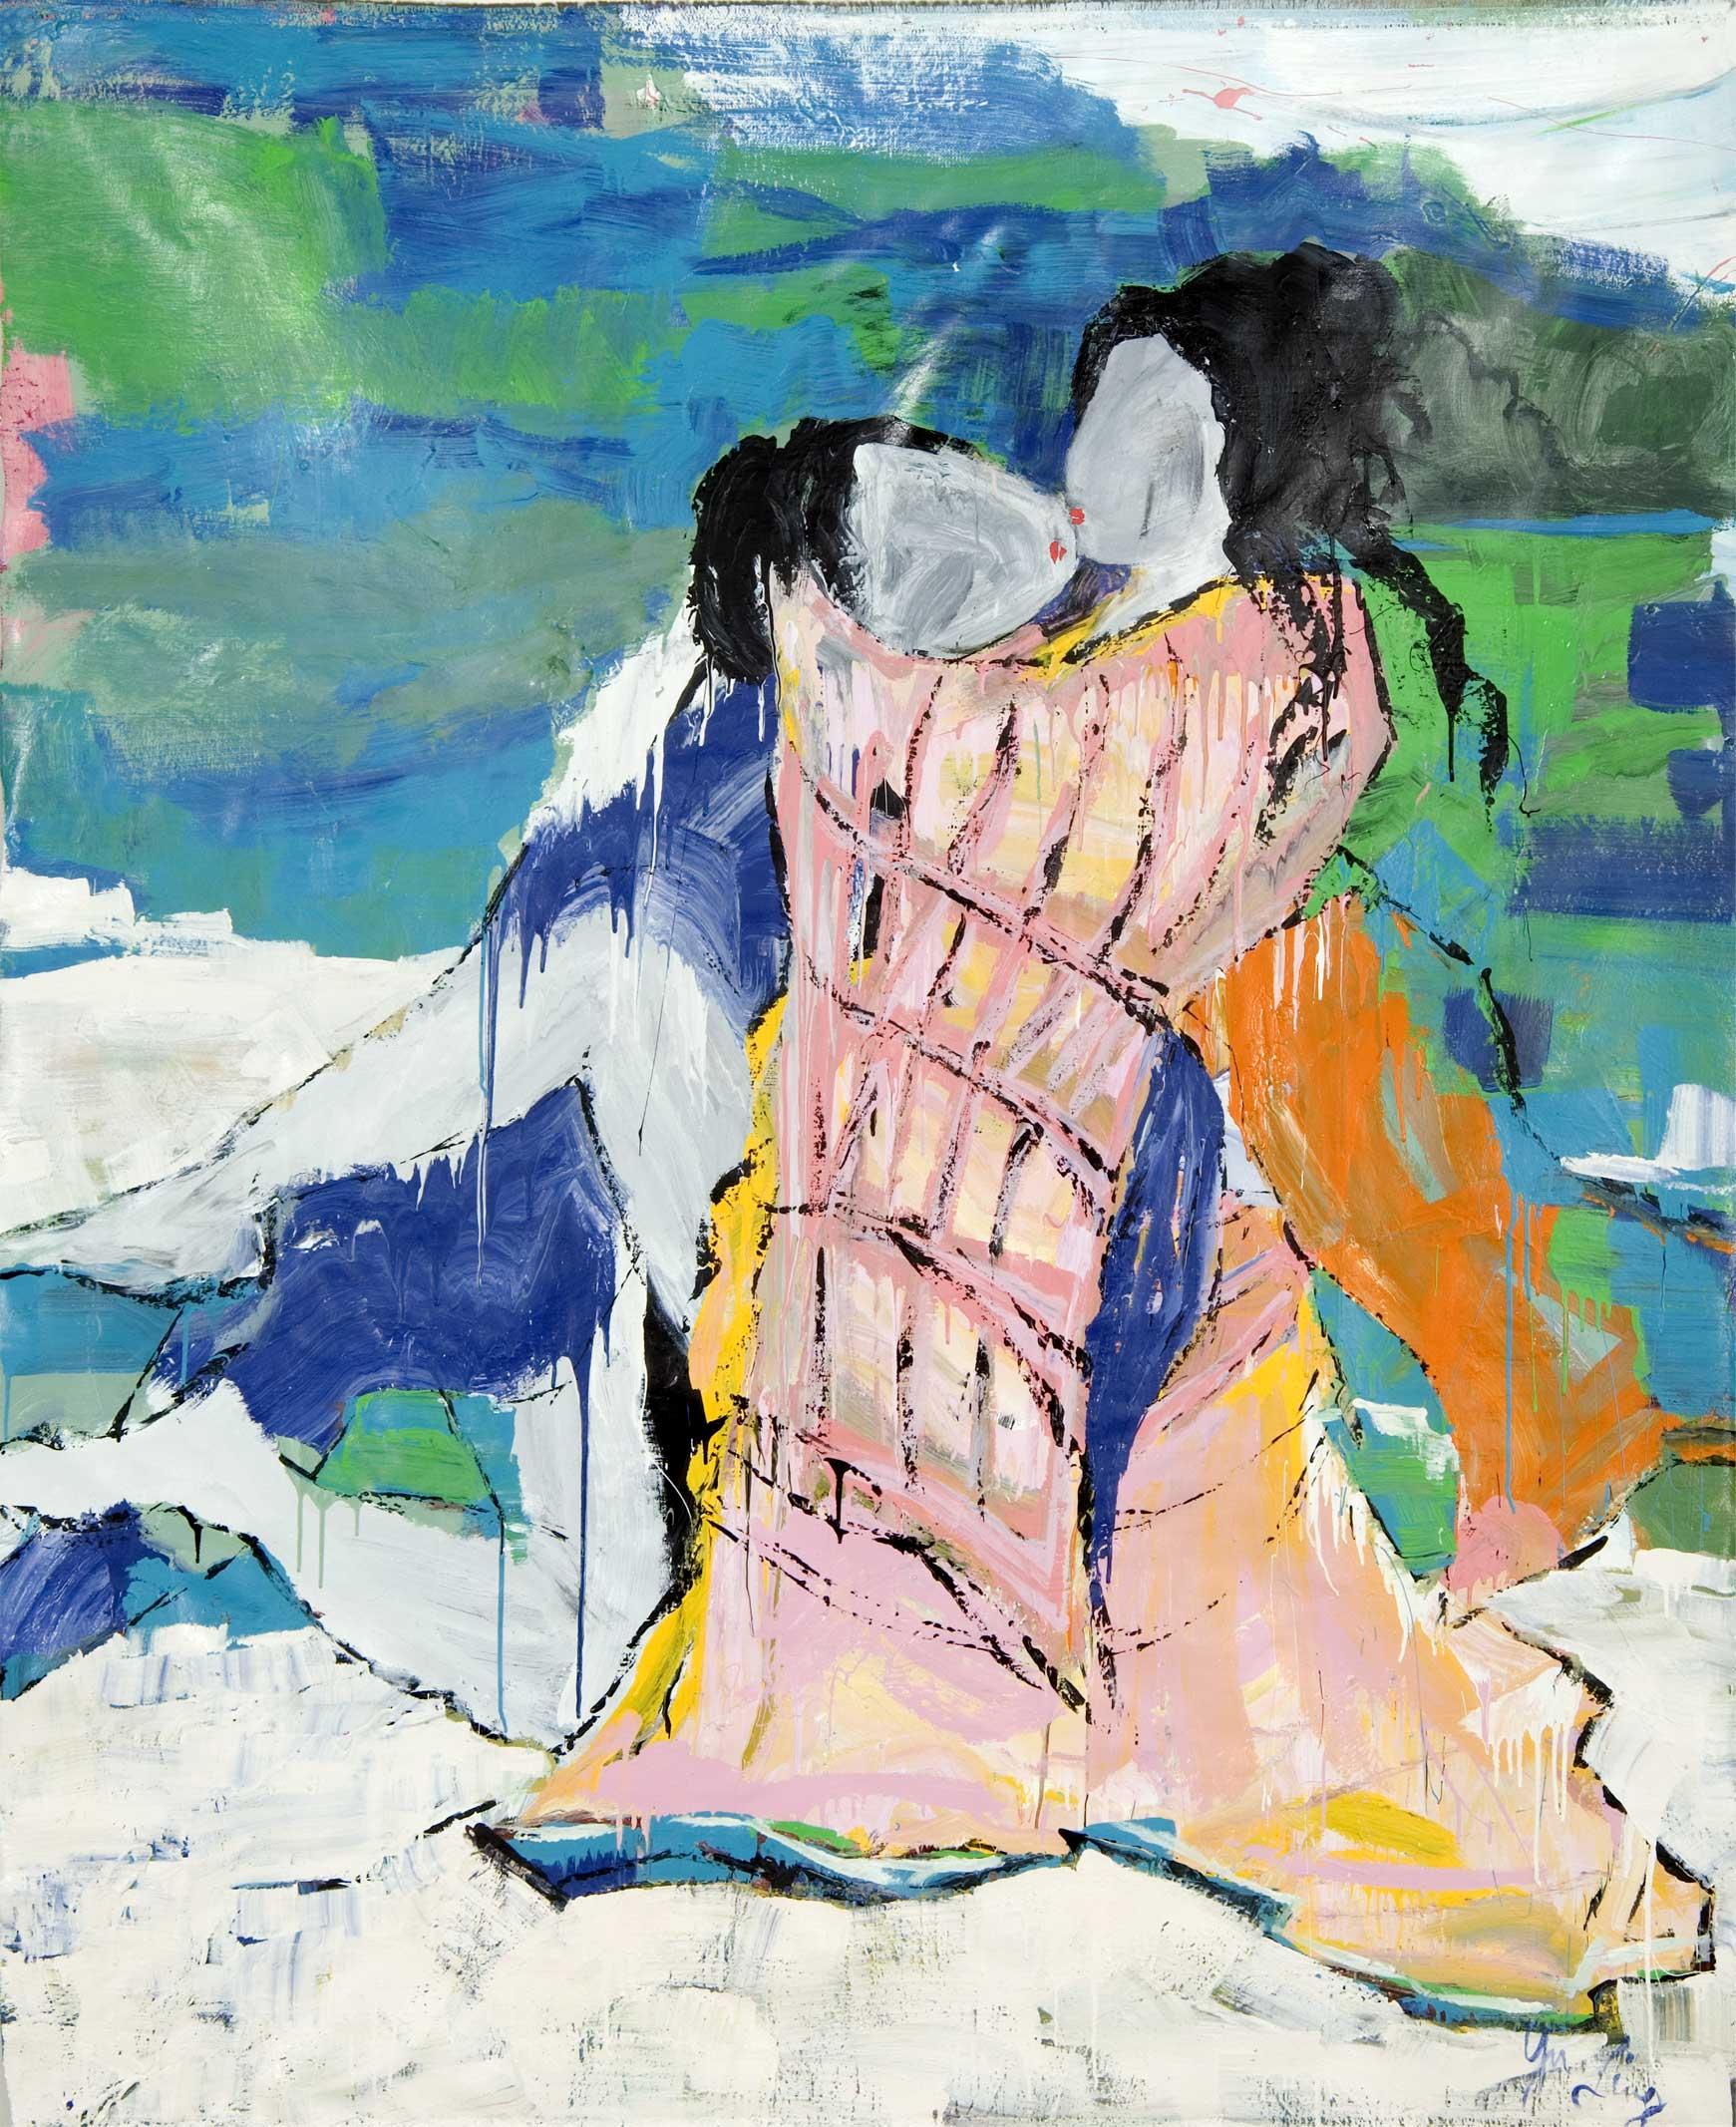 कलाकार लुसी लियू द्वारा बनाई गई जापानी महिला और पुरुष की पेंटिंग